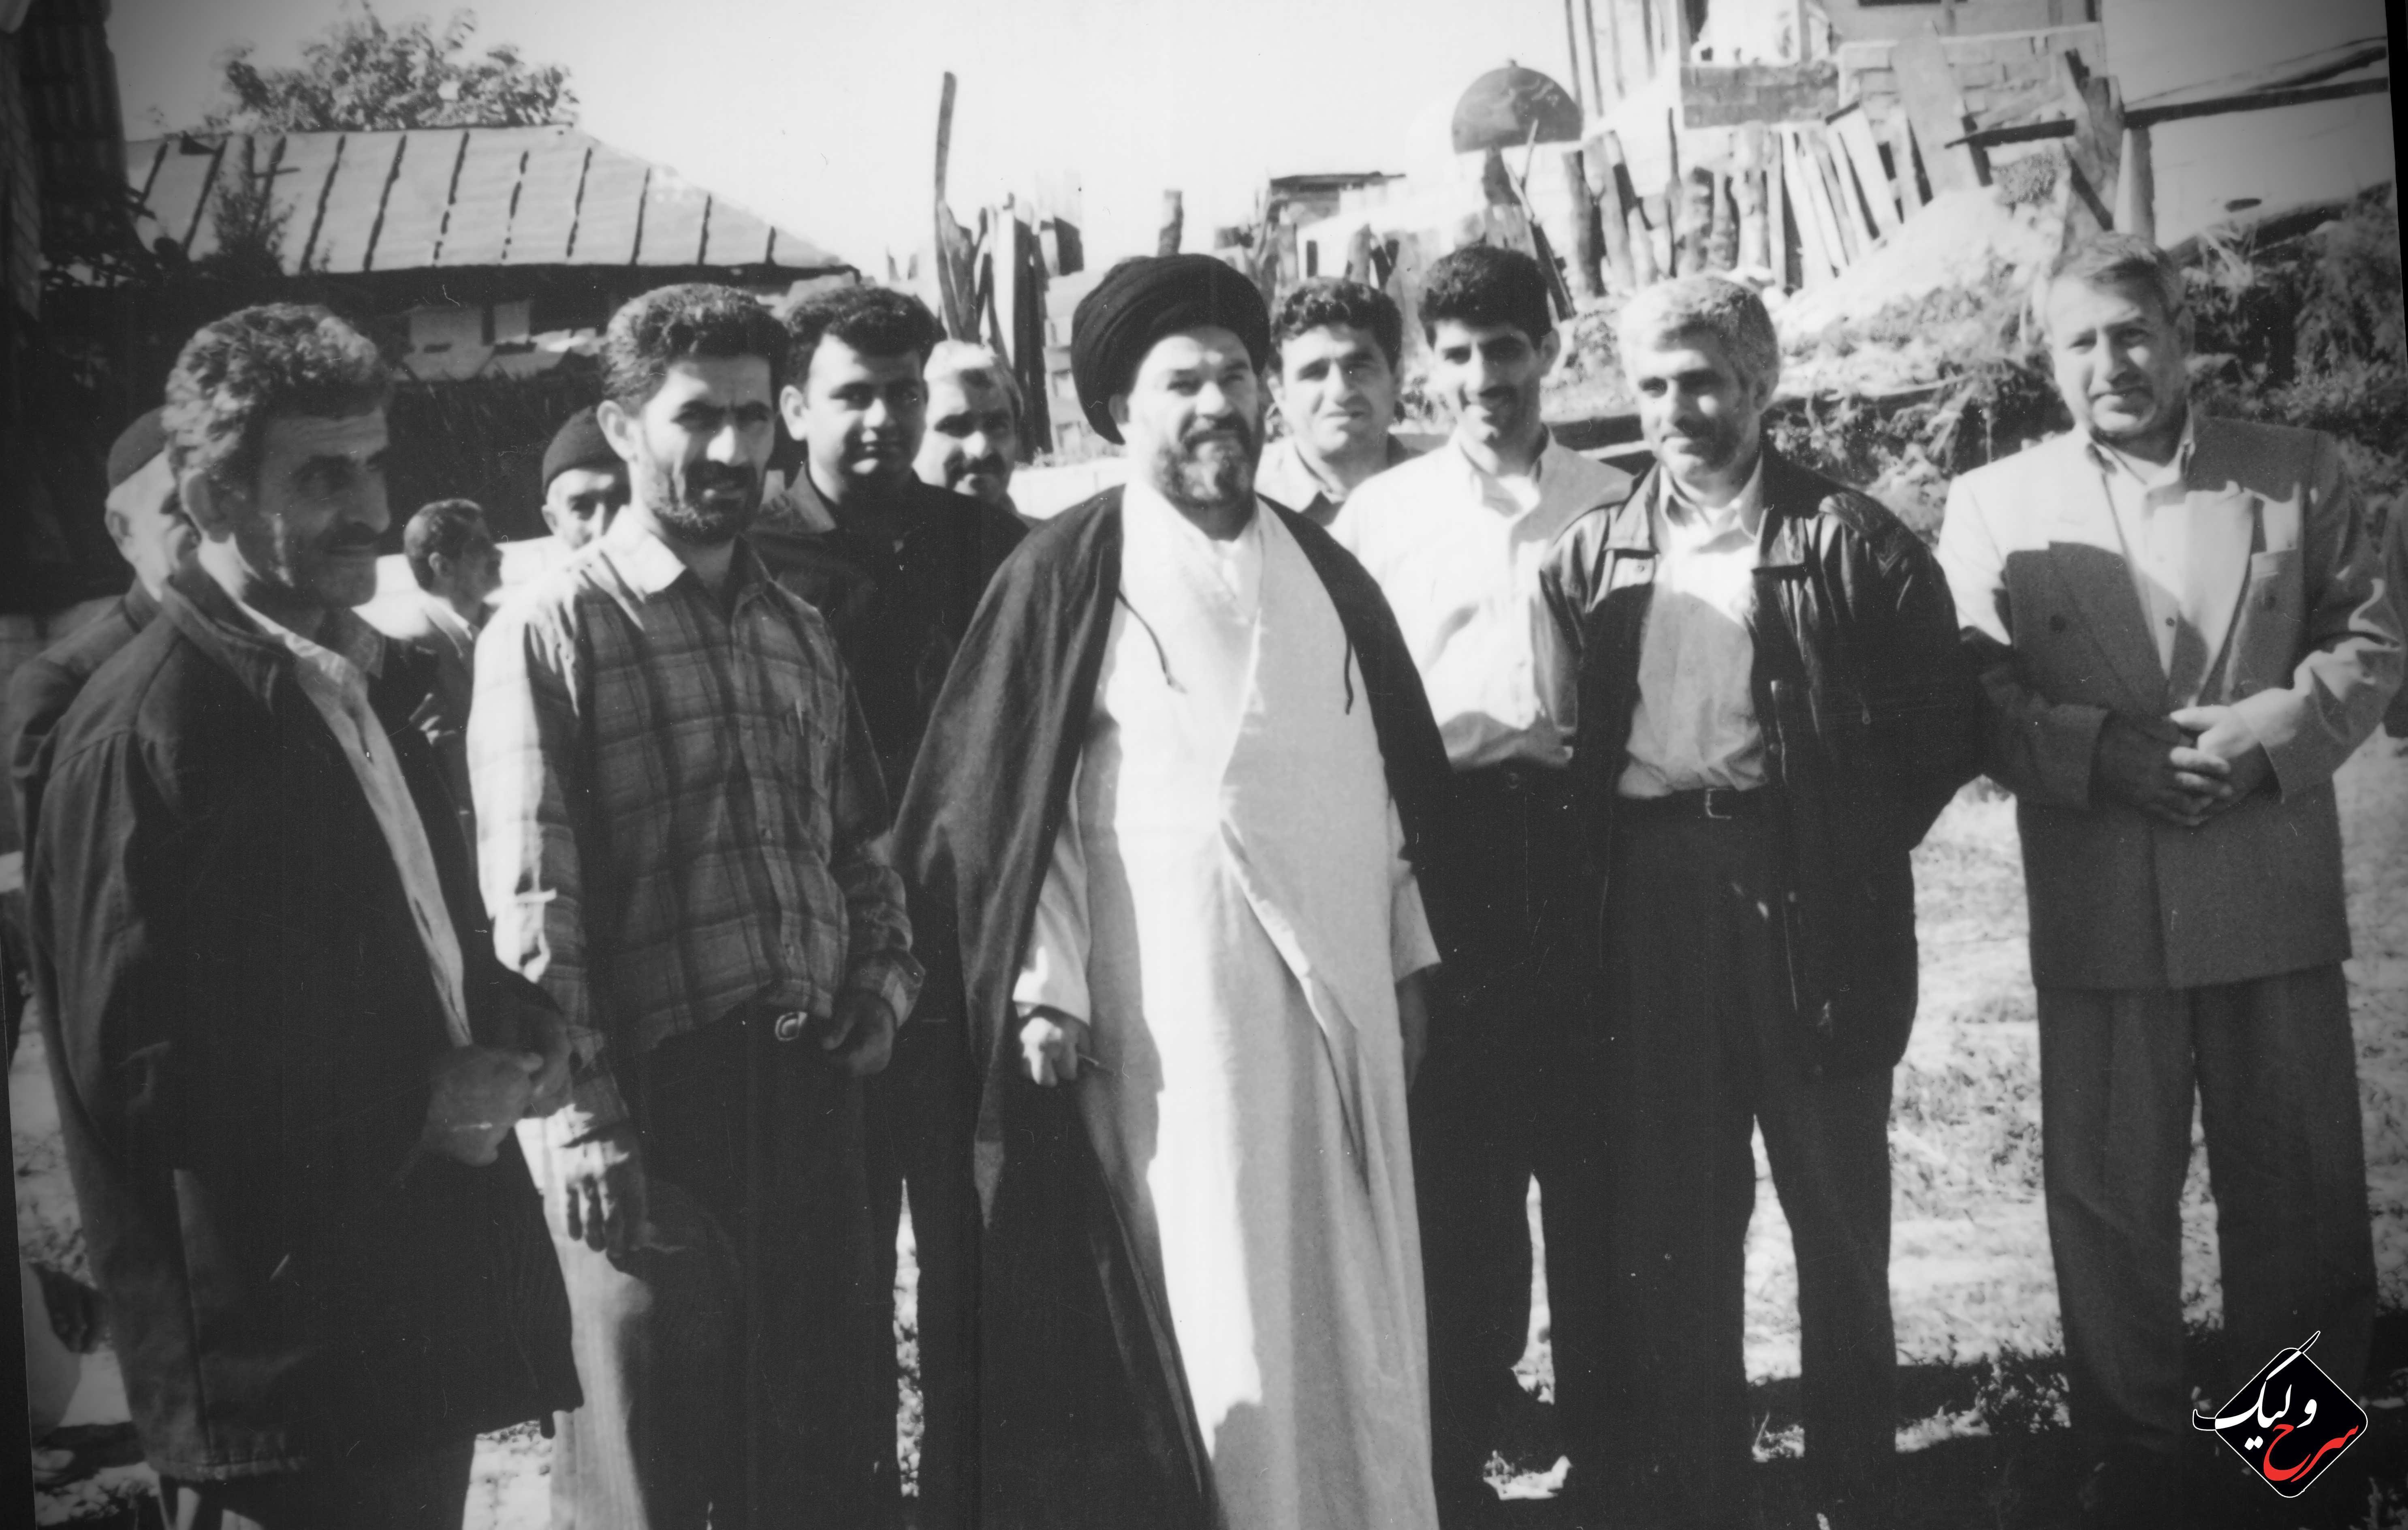 عکس کمتر دیده شده از  آیت الله شجاعی در اولین یادواره شهدای شویلاشت روستای سرخ ولیک